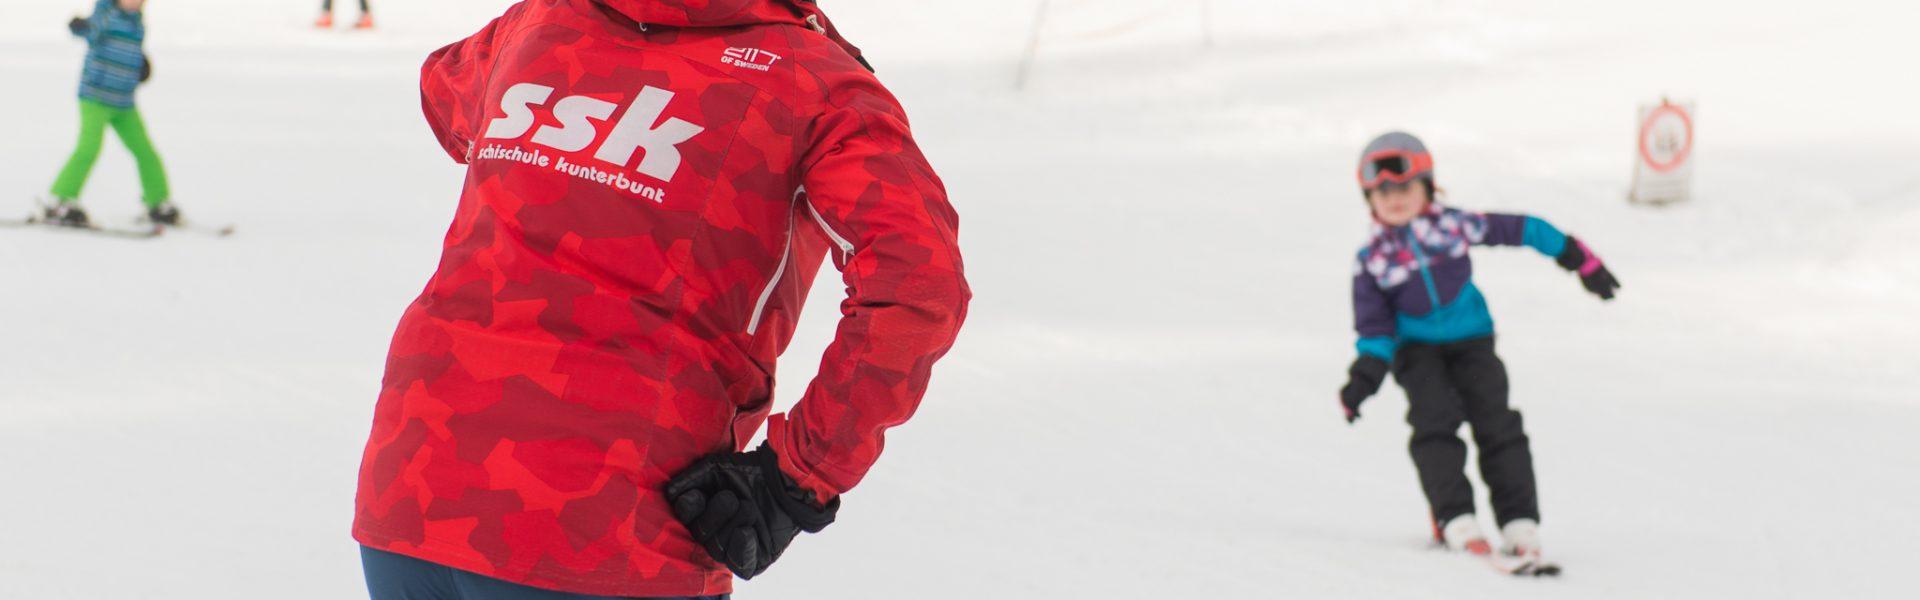 ssk skischule kunterbunt-32neu